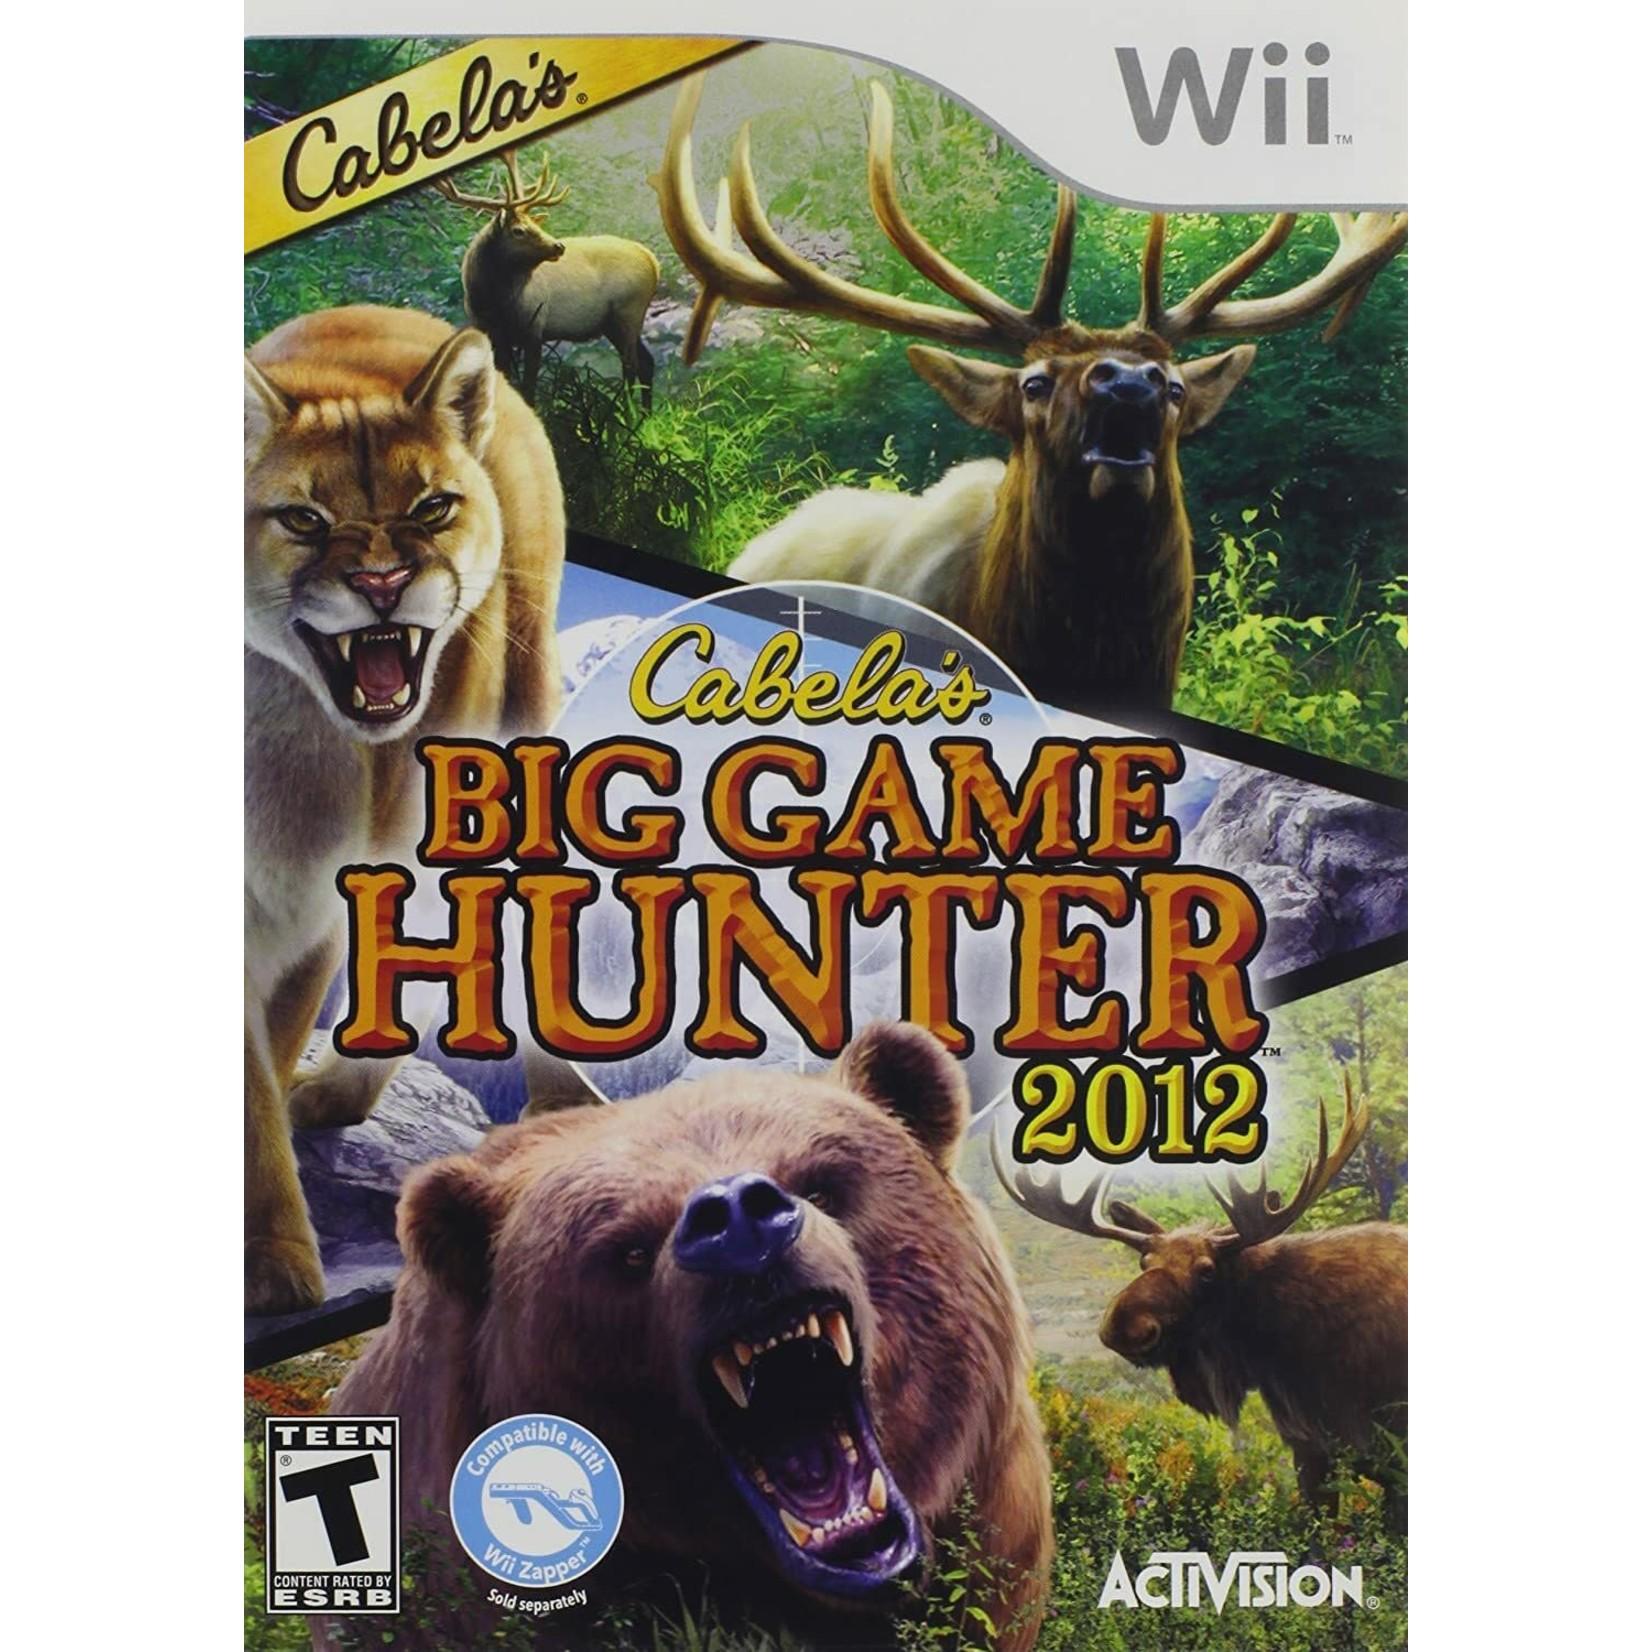 WII-Cabela's Big Game Hunter 2012